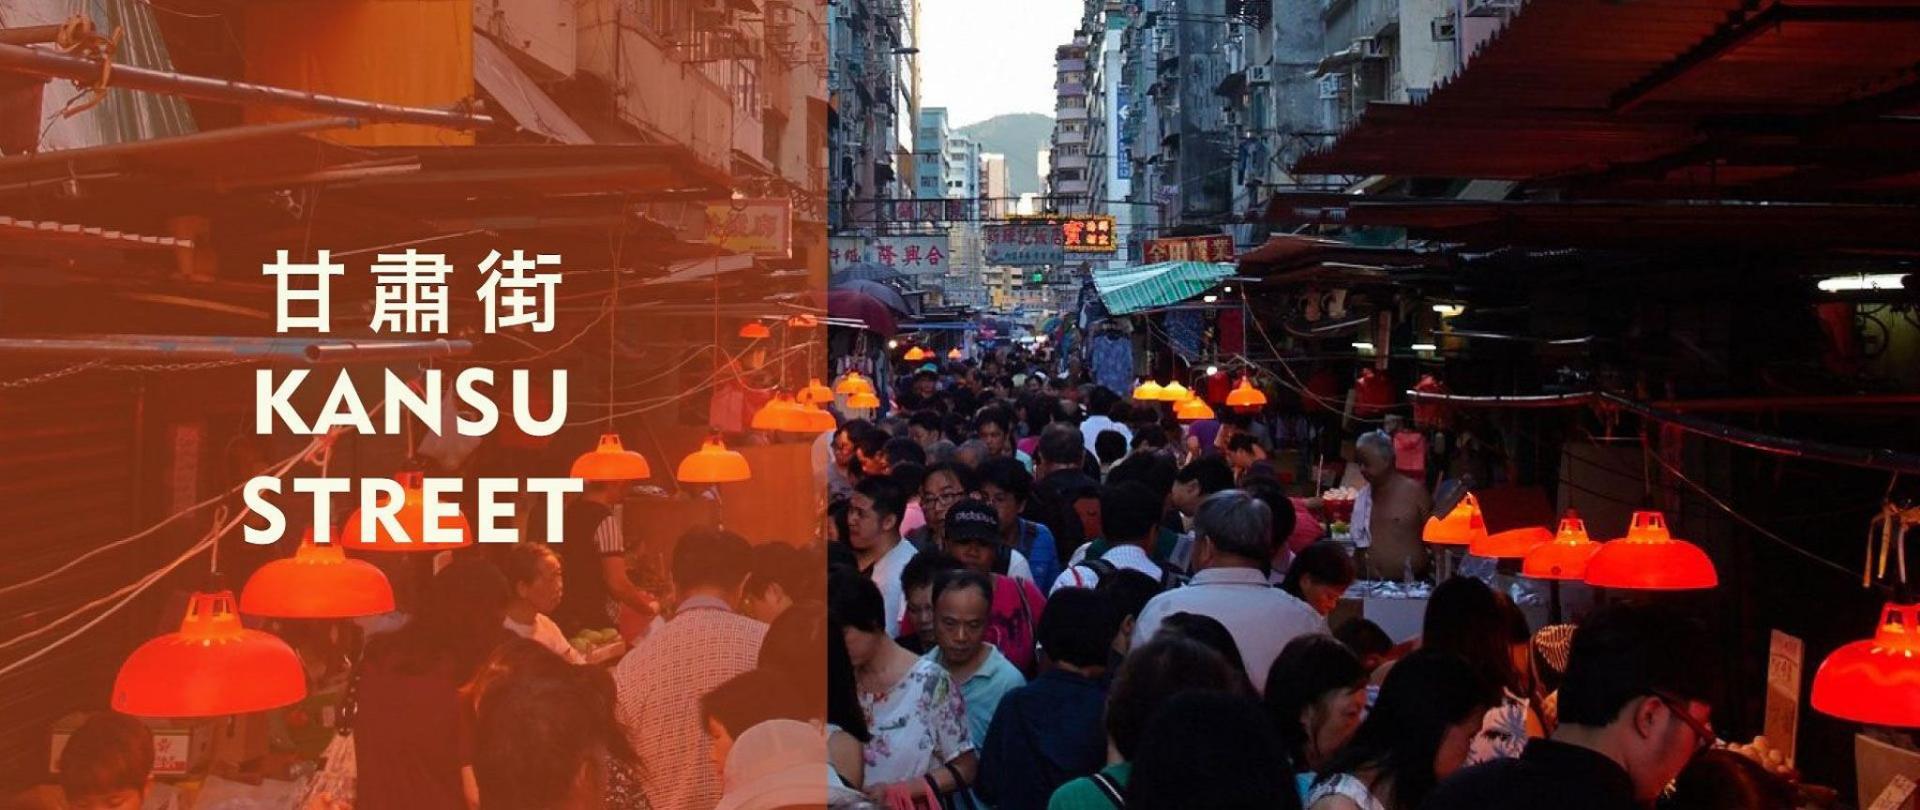 Kansu Street.jpg